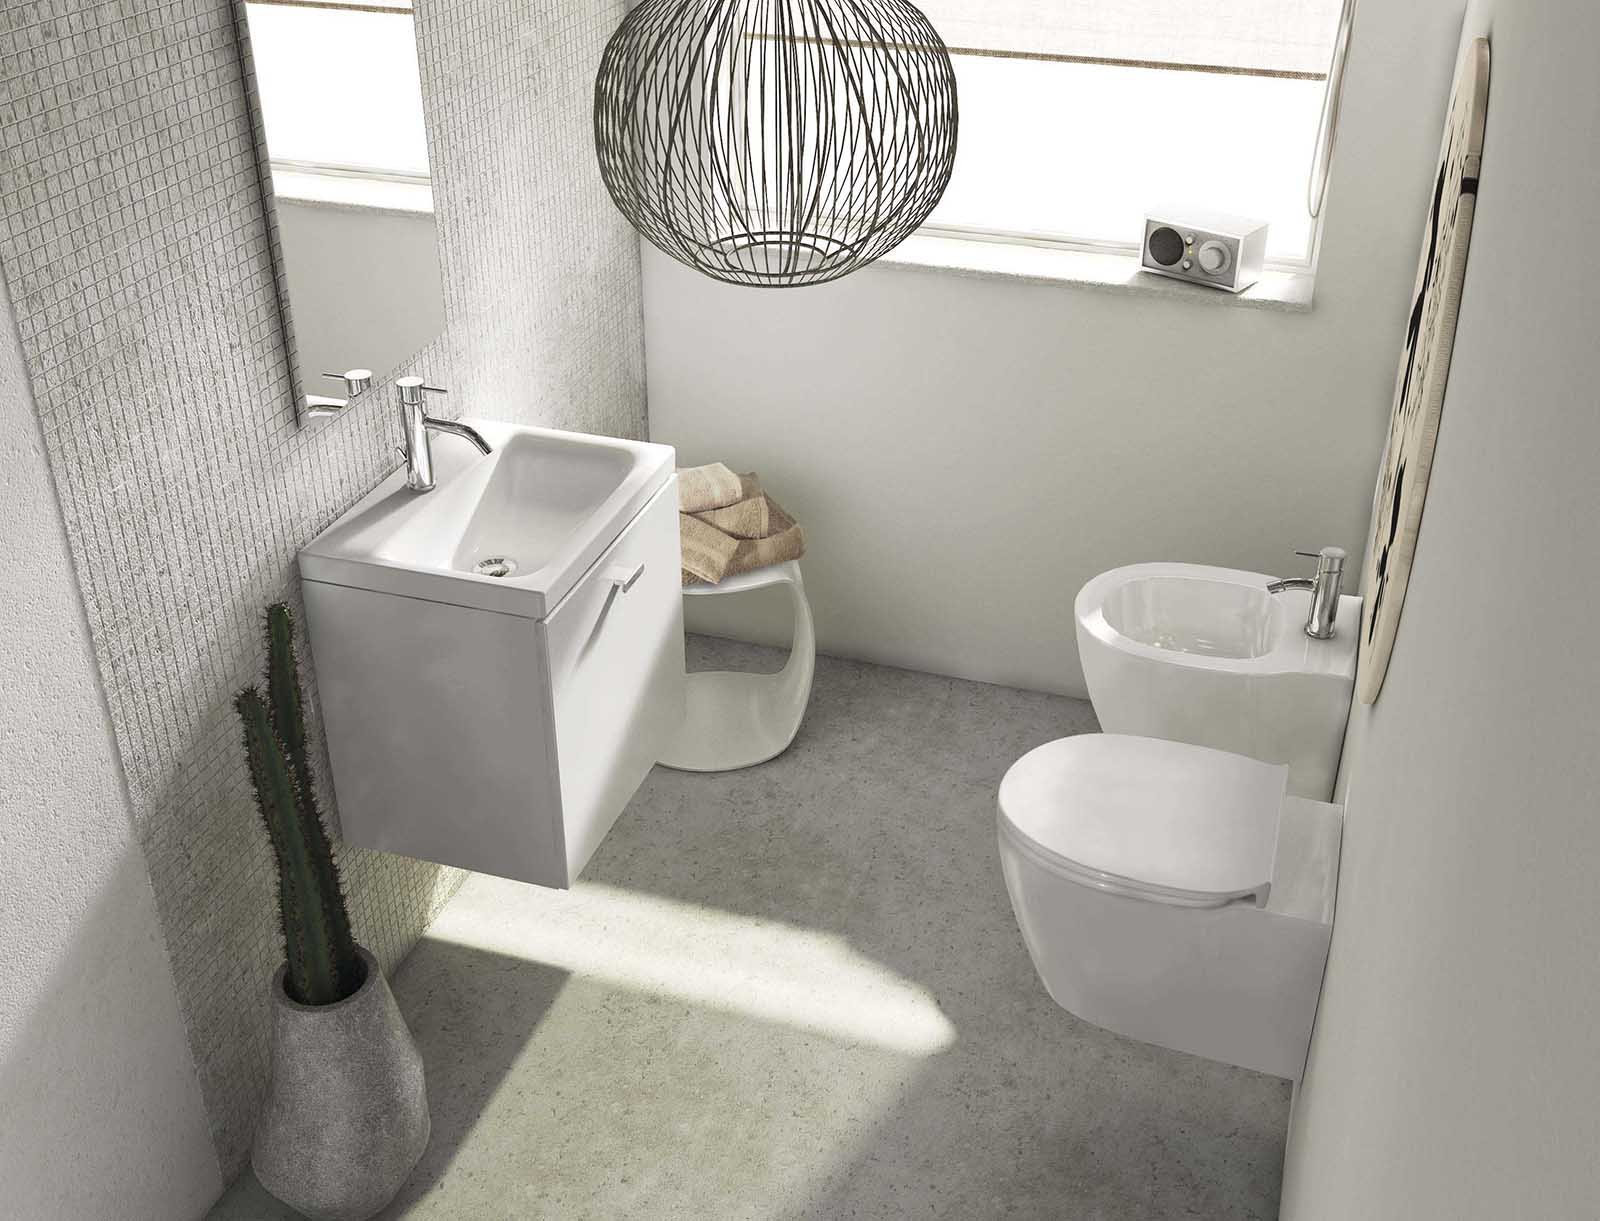 Sanitari salvaspazio poco profondi cose di casa for Misure bagno